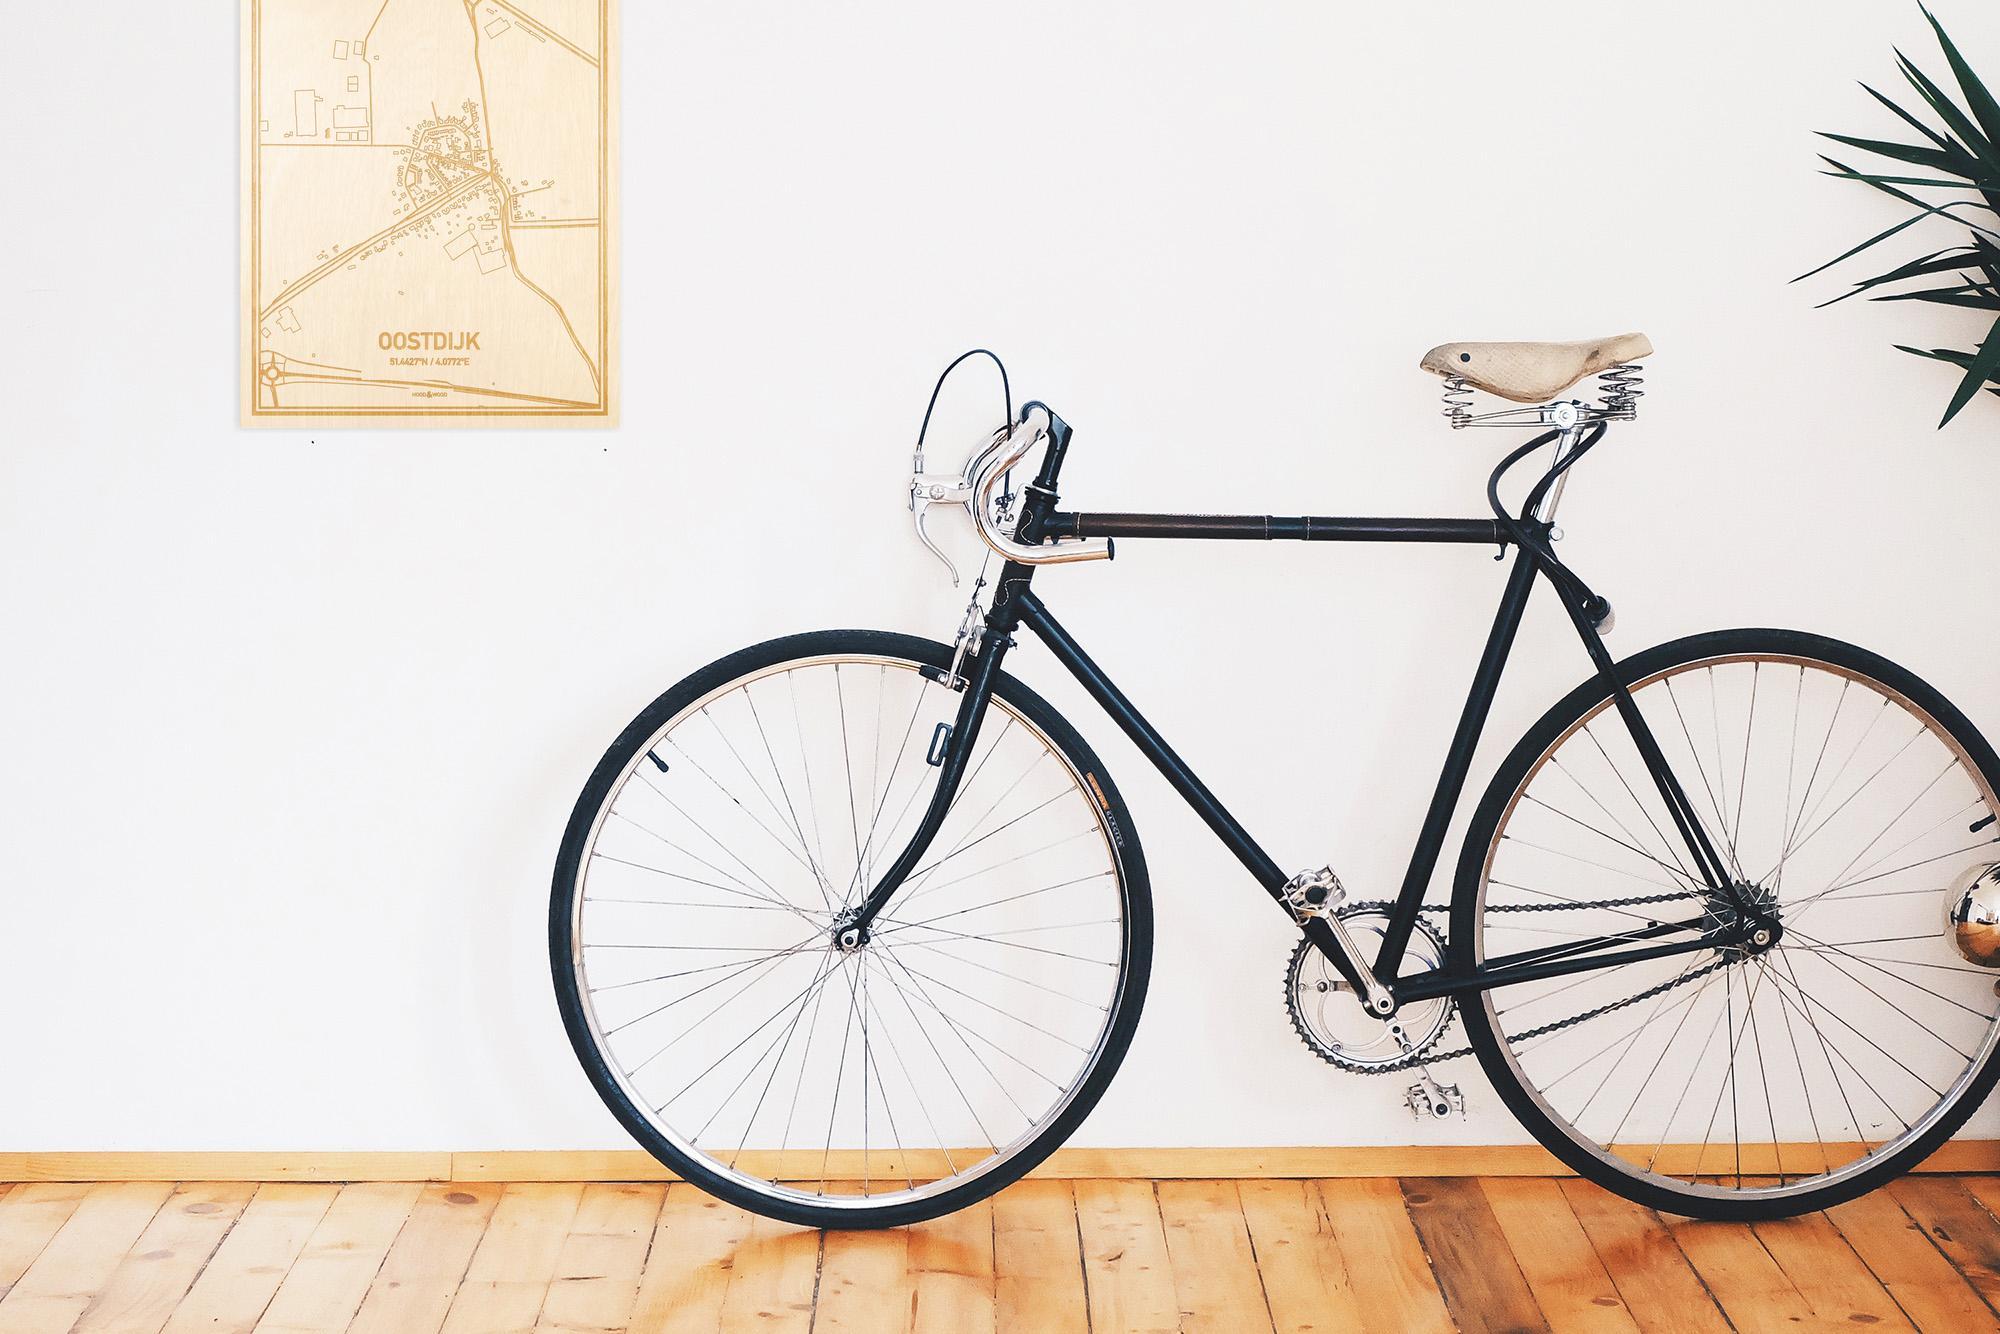 Een snelle fiets in een uniek interieur in Zeeland met mooie decoratie zoals de plattegrond Oostdijk.